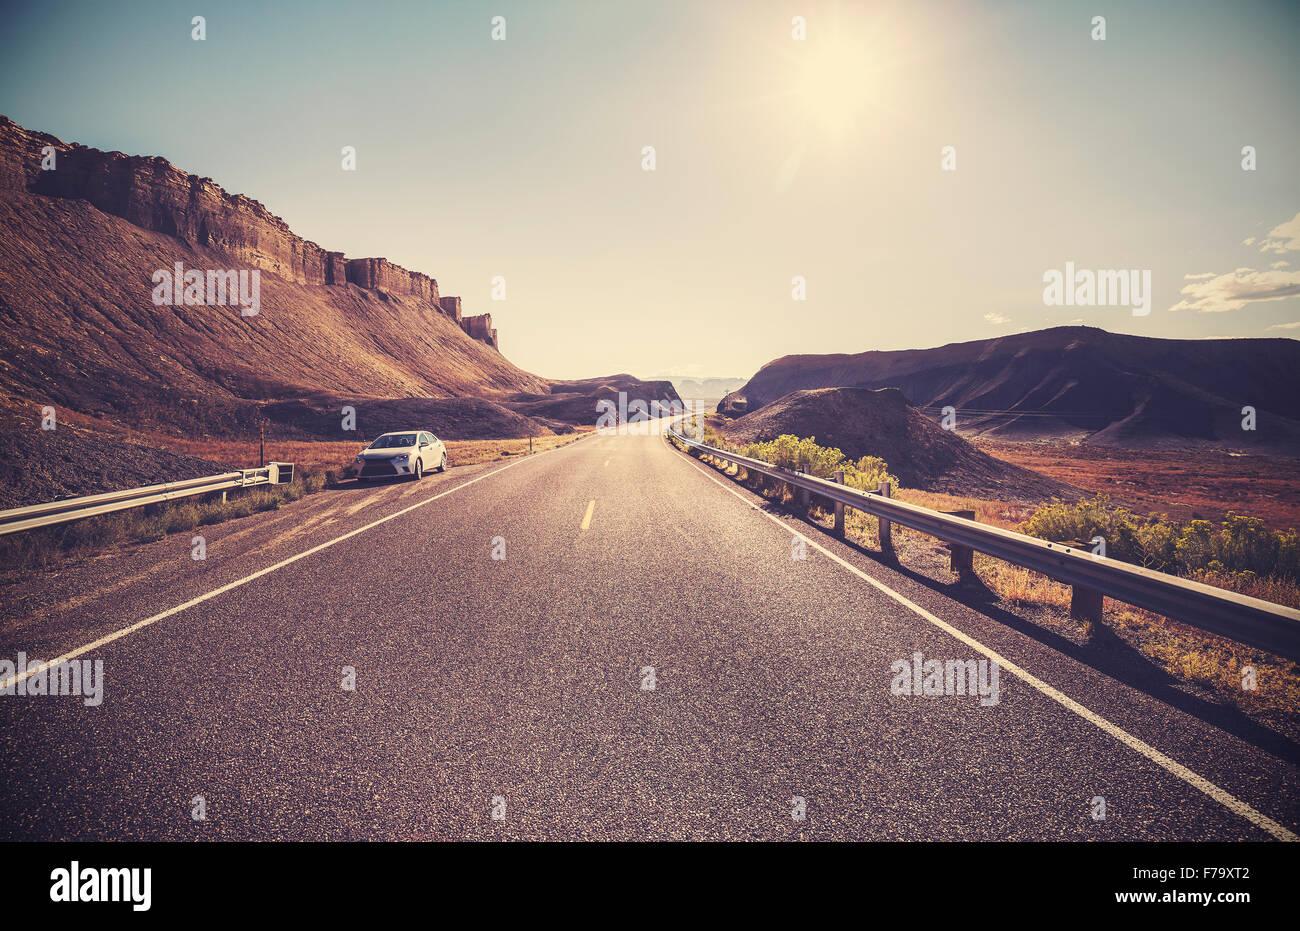 Retrò tonica deserto autostrada contro il sole, il concetto di viaggio. Immagini Stock